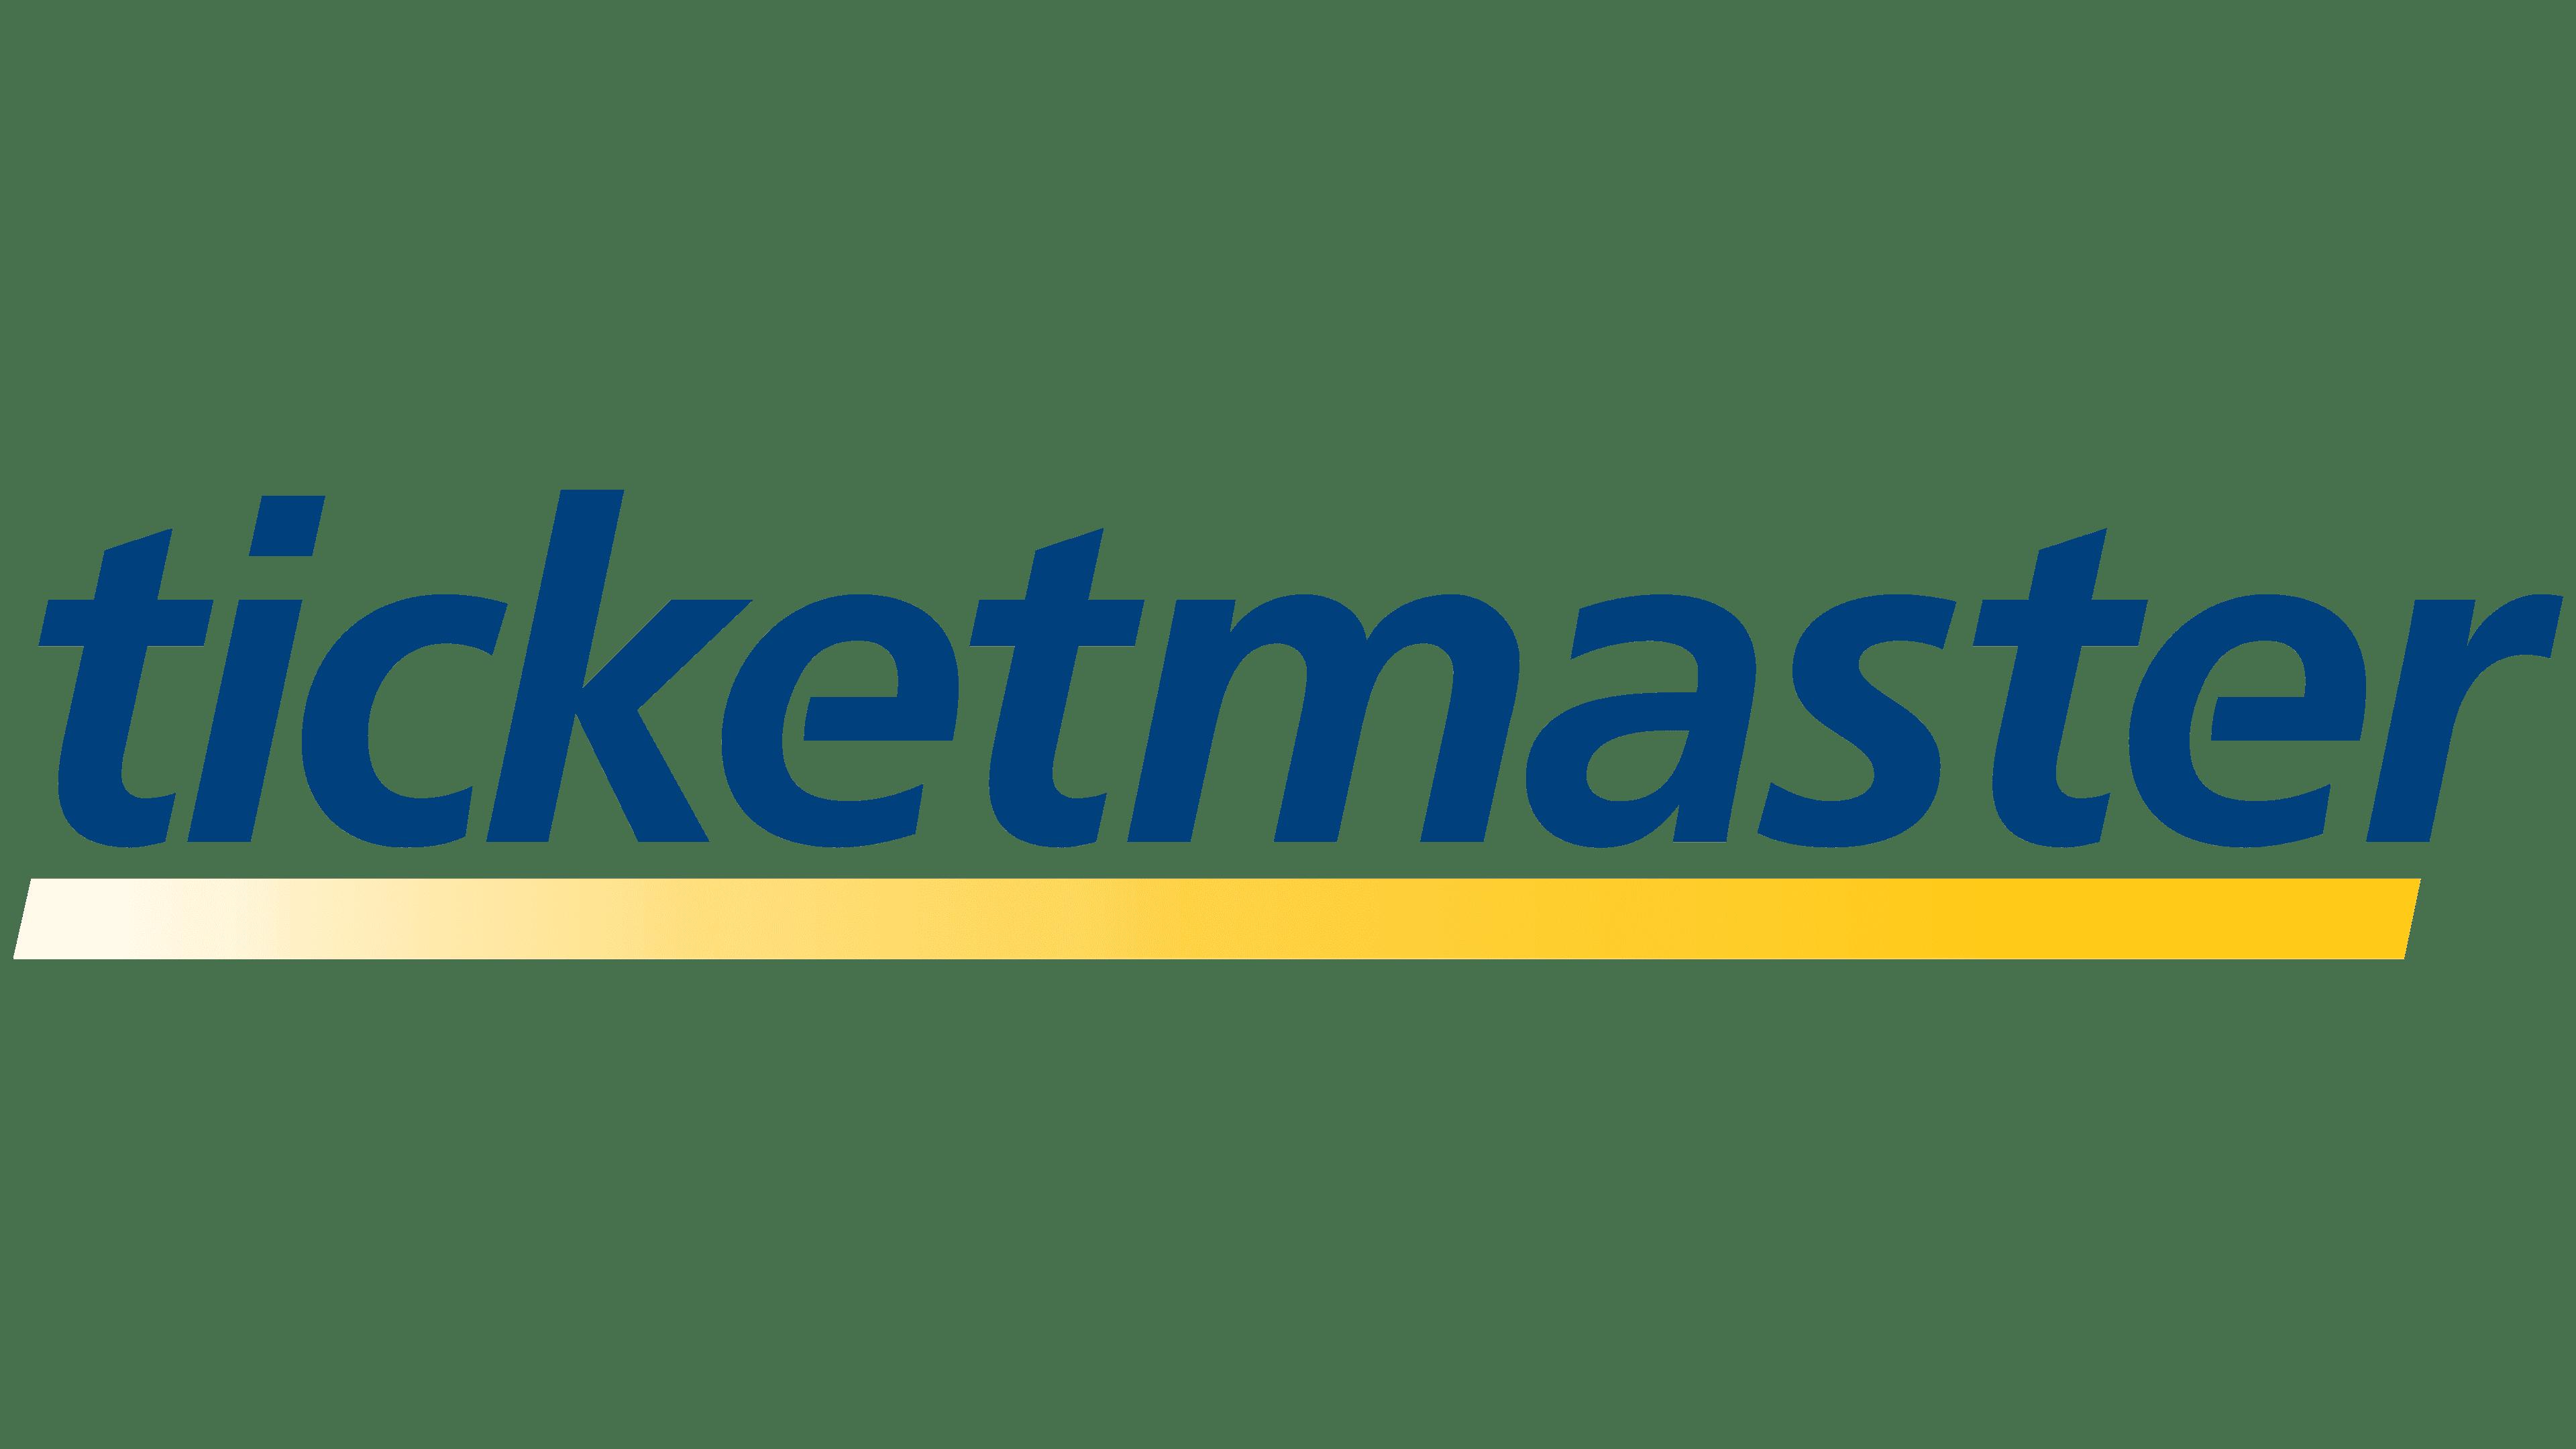 Ticketmaster-Logo-1999-2010